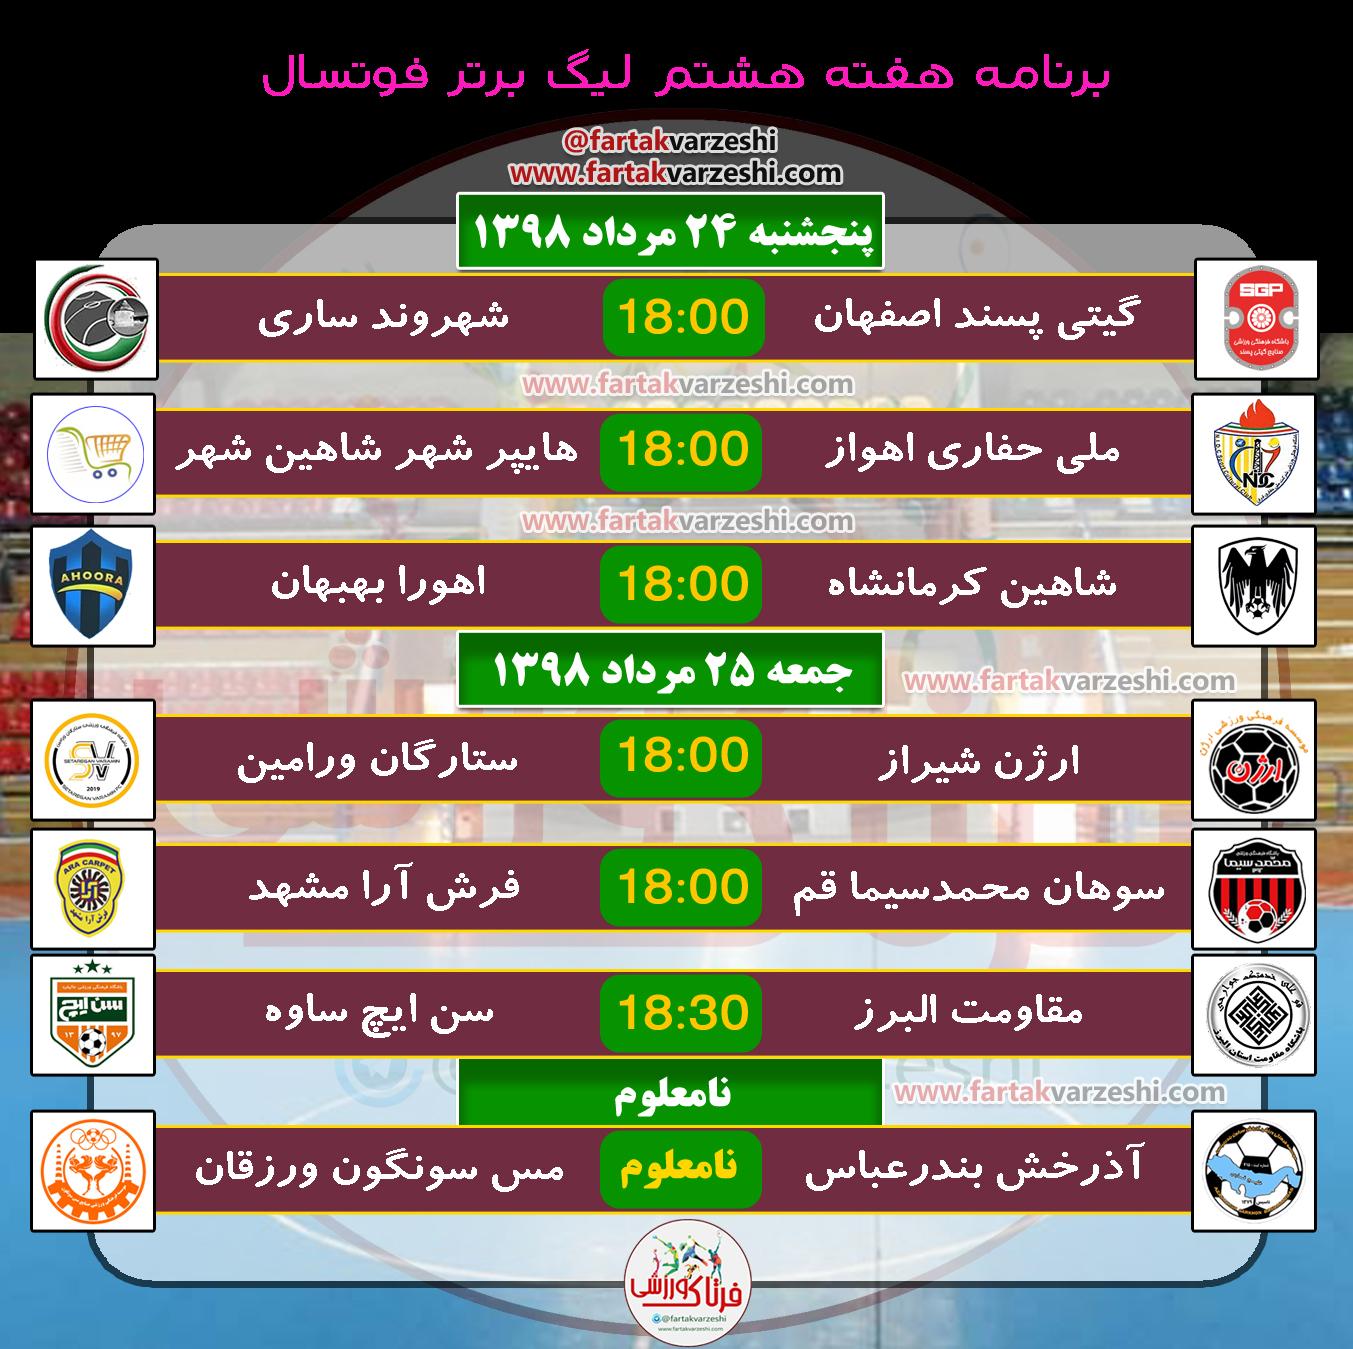 برنامه هفته ای لیگ برتر فوتسال